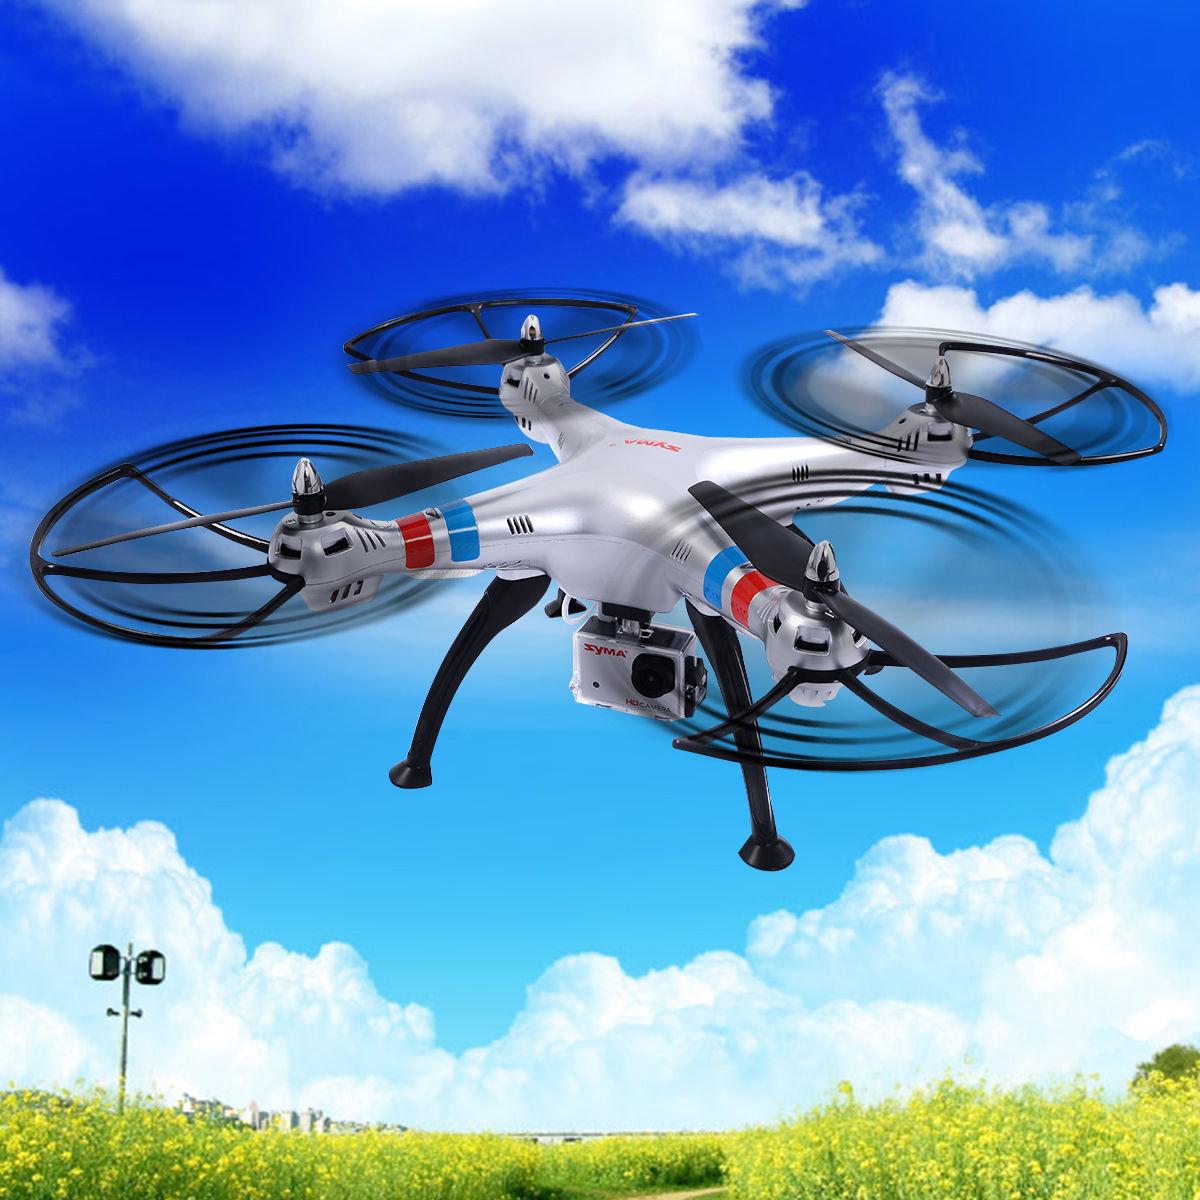 Syma X8G 4CH Gyro RC Quadcopter Explorers